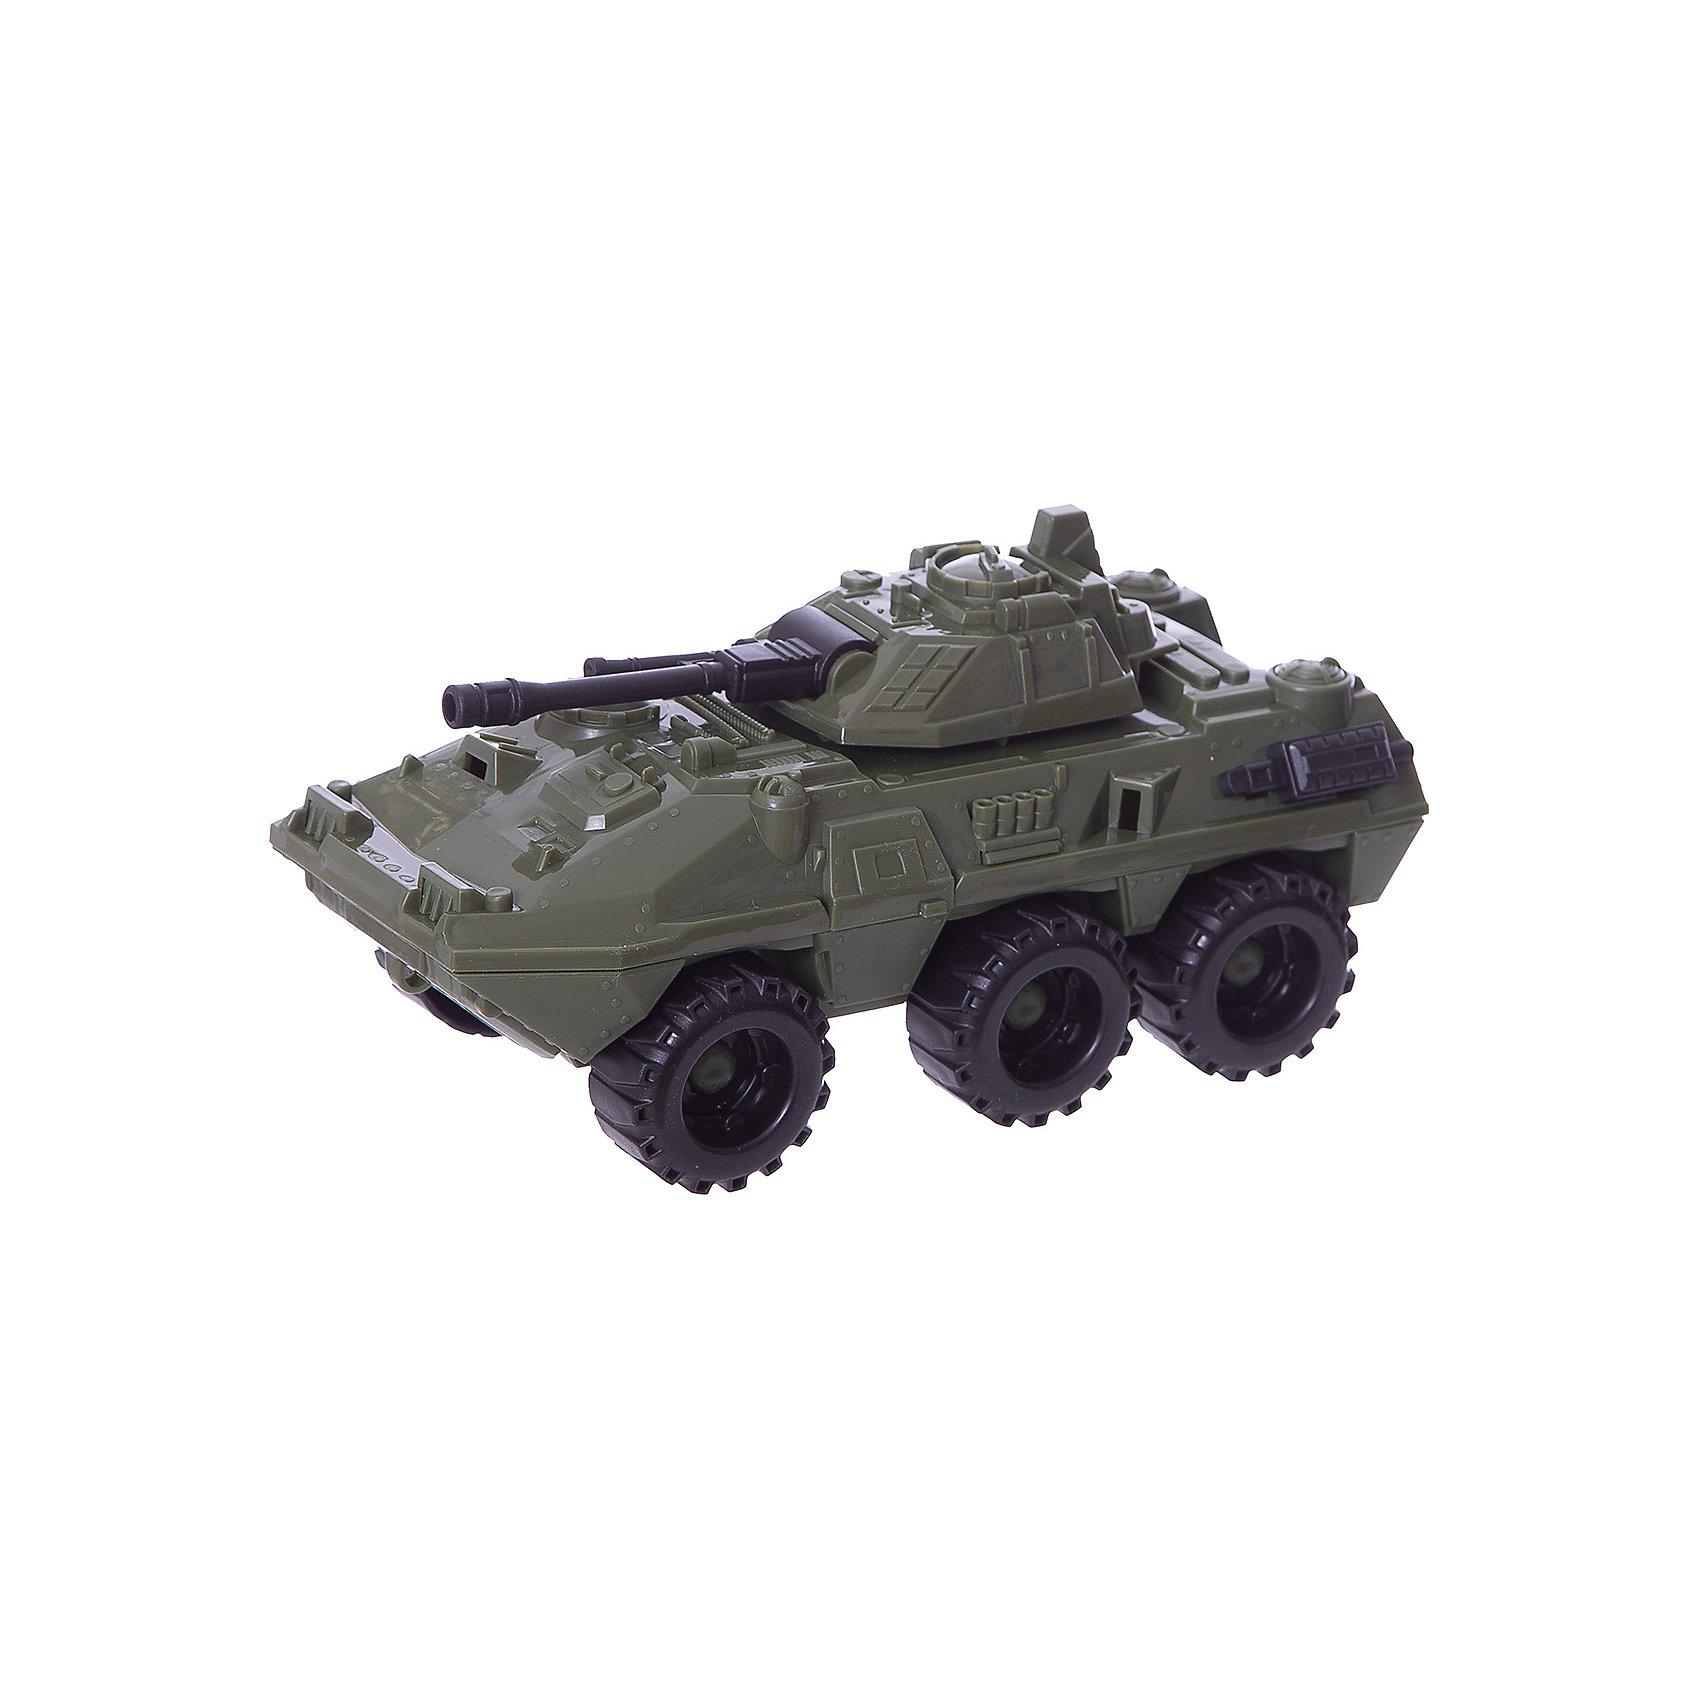 Машина  Скорпион, НордпластМашина  Скорпион, Нордпласт – эта игрушка из военной серии отличный подарок для любого мальчугана!<br>Боевая машина пехоты «Скорпион» выглядит совсем как настоящая. На пластмассовом корпусе расположена броня с заклепками. У машины вращается башня, пушка поднимается-опускается. Большие колеса с широким протектором преодолеют самые крутые спуски и подъемы. Машина отлично подойдет для игры дома или в песочнице. Игрушка изготовлена из высококачественной пищевой пластмассы, без трещин и заусениц, поэтому во время эксплуатации выдержит многие детские шалости. Она покрыта нетоксичной краской, не облупливающейся и не выгорающей на солнце.<br><br>Дополнительная информация:<br><br>- Материал: высококачественная пластмасса<br>- Цвет: зеленый<br>- Размер игрушки: 9х10х20 см.<br>- Вес: 140 гр.<br><br>Машину Скорпион, Нордпласт можно купить в нашем интернет-магазине.<br><br>Ширина мм: 200<br>Глубина мм: 100<br>Высота мм: 90<br>Вес г: 140<br>Возраст от месяцев: 24<br>Возраст до месяцев: 60<br>Пол: Мужской<br>Возраст: Детский<br>SKU: 4060294